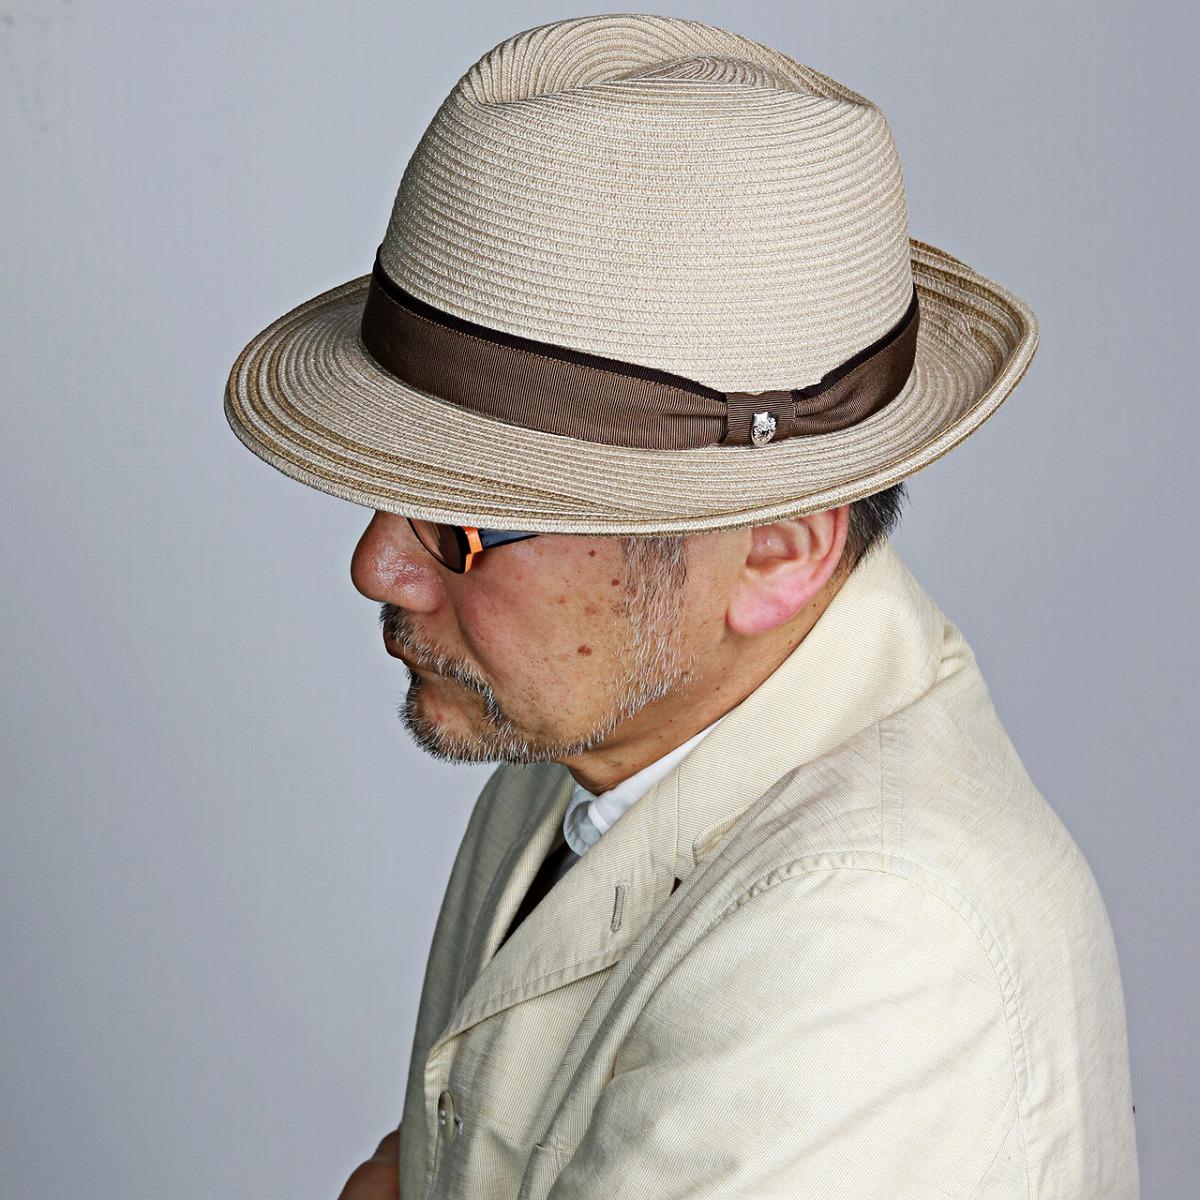 ダックス ハット シルク 細番手 DAKS 中折れ帽 メンズ 春夏 帽子 ライン入り daks 中折れ ブレードハット サイズ調節 日本製 英国ブランド 中折れ帽 紳士 おしゃれ 高級 上品 / ベージュ系 ブラウン リボン ナチュラル [ fedora ] 父の日 ギフト プレゼント